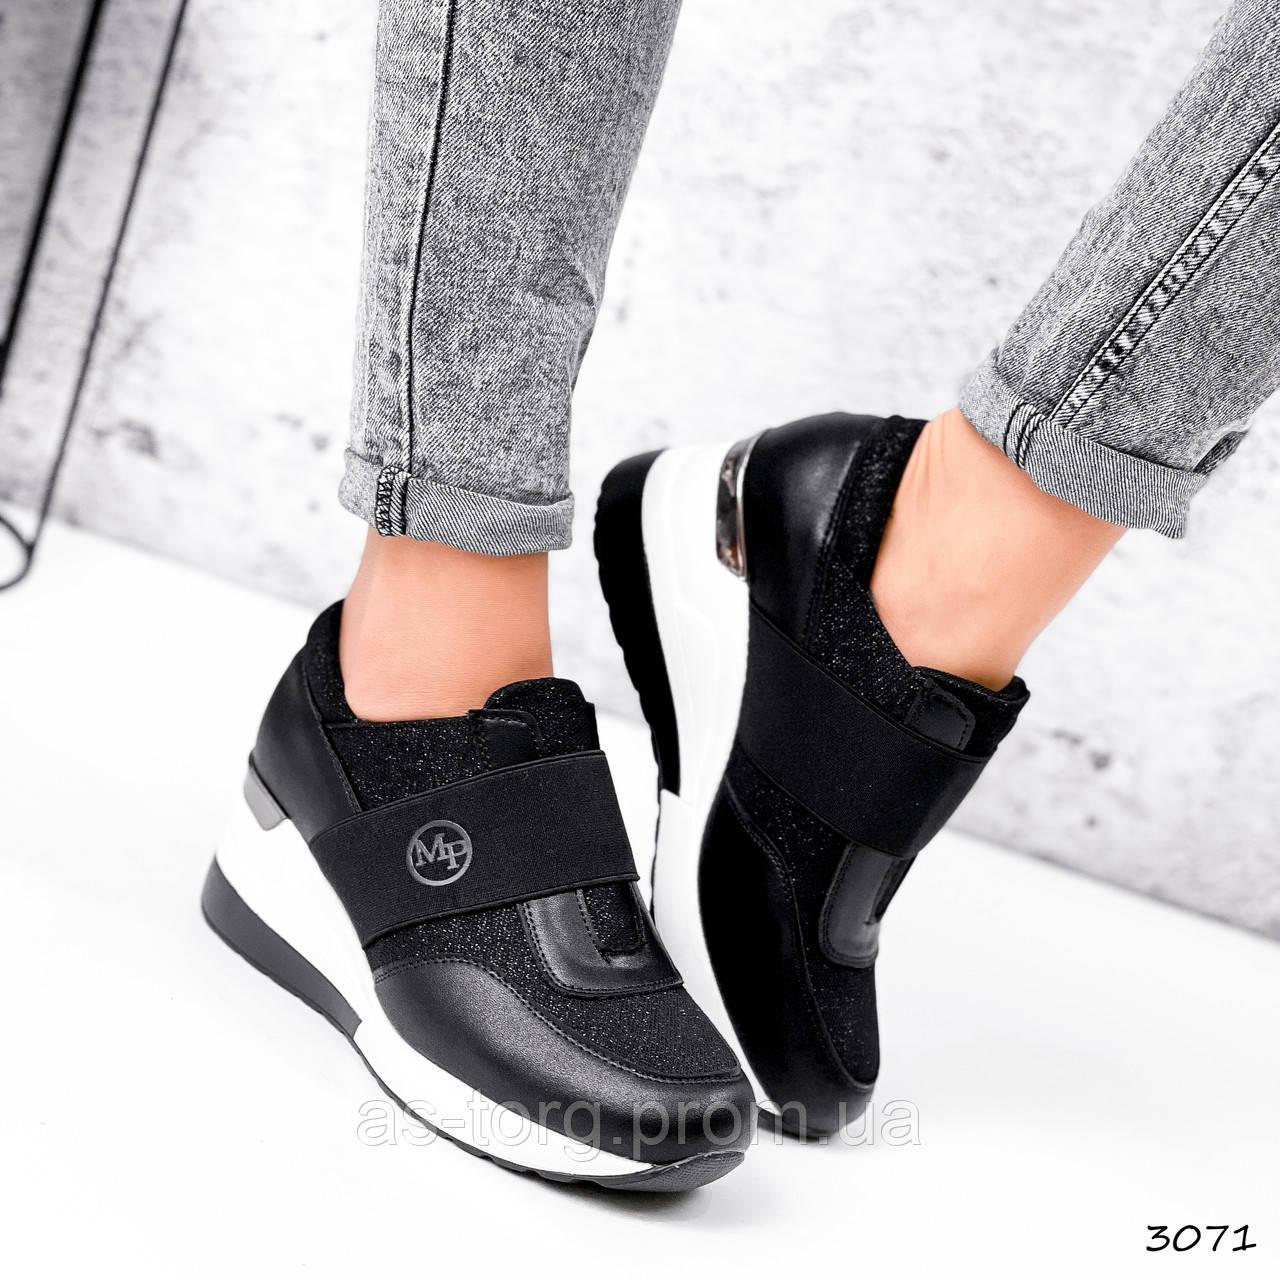 Кроссовки женские Fabia черные 3071